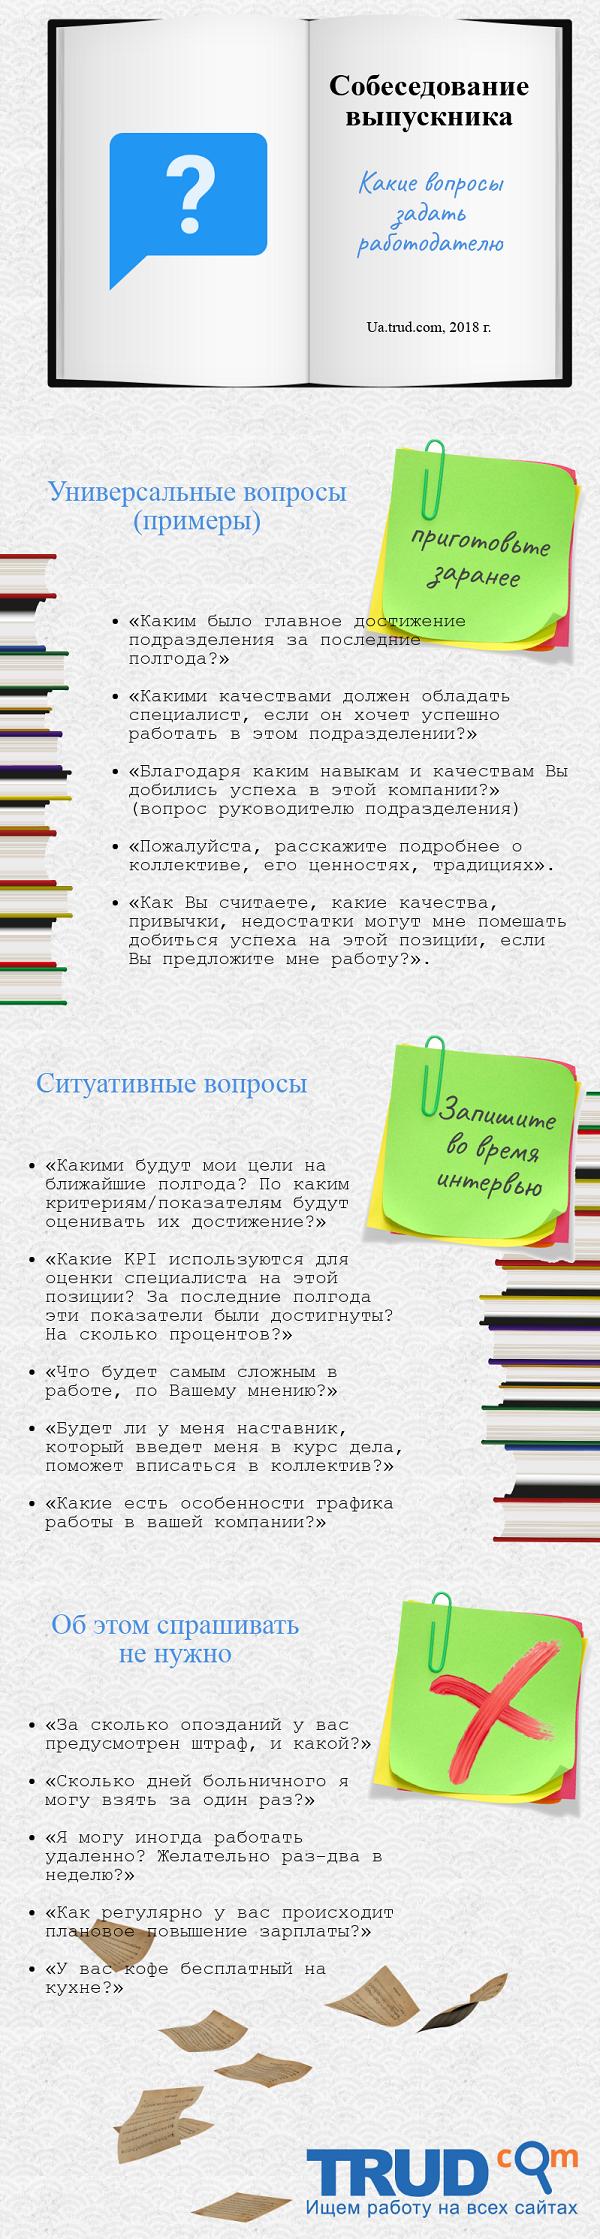 """Инфографика на тему """"Какие вопросы задать на собеседовании выпускнику"""""""